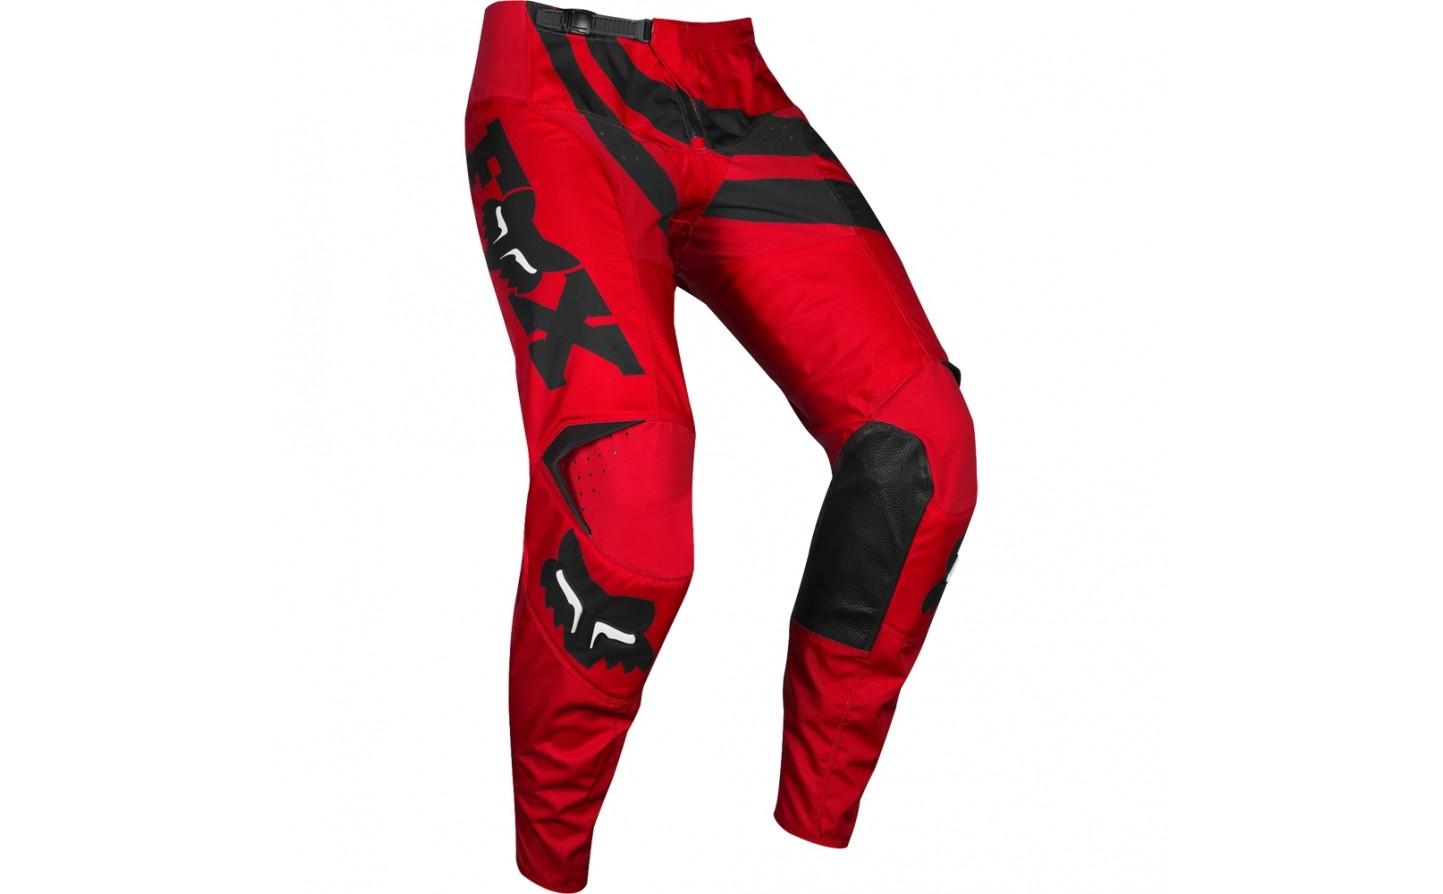 91cbb1b81e3 ... Pantalón Motocross Fox Yth 180 Cota Pant Infantil Rojo